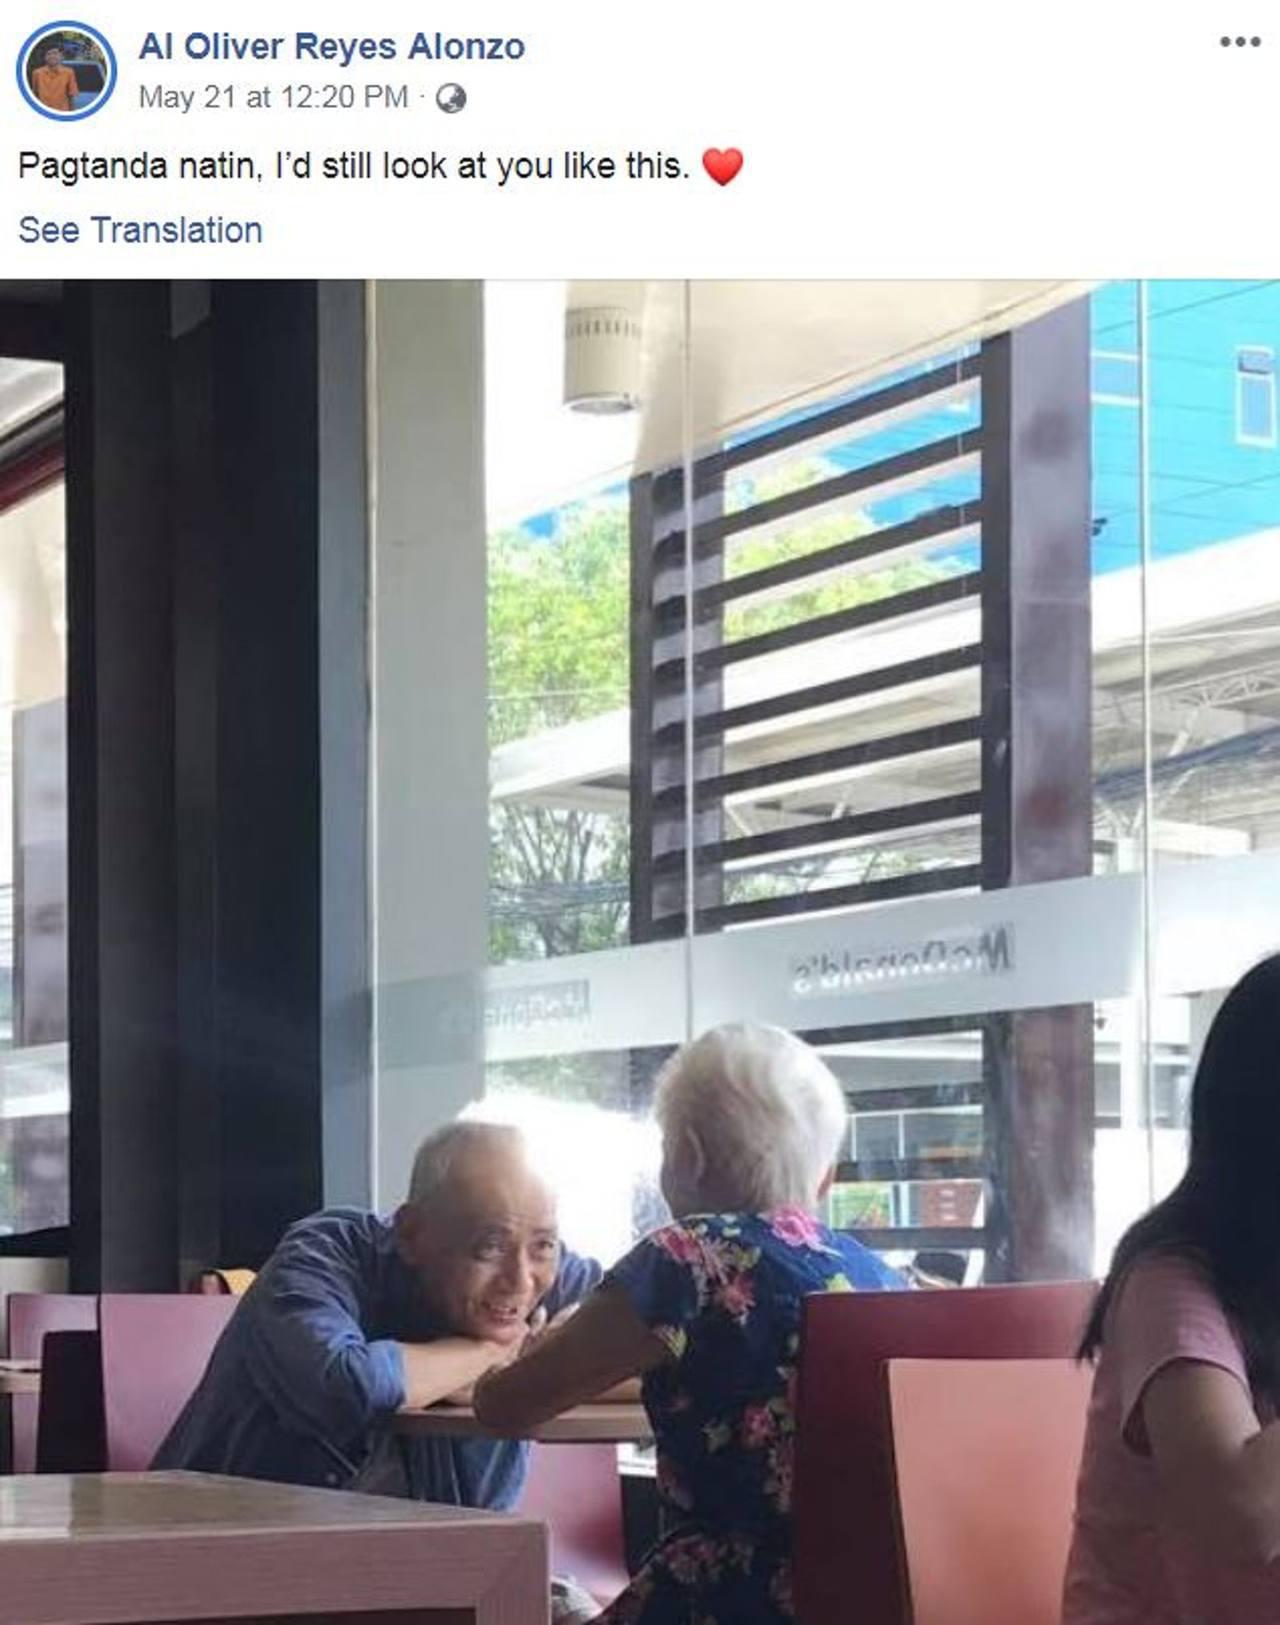 白髮夫婦麥當勞約會 老伯深情趴望感動萬千網民:50年後也要這樣